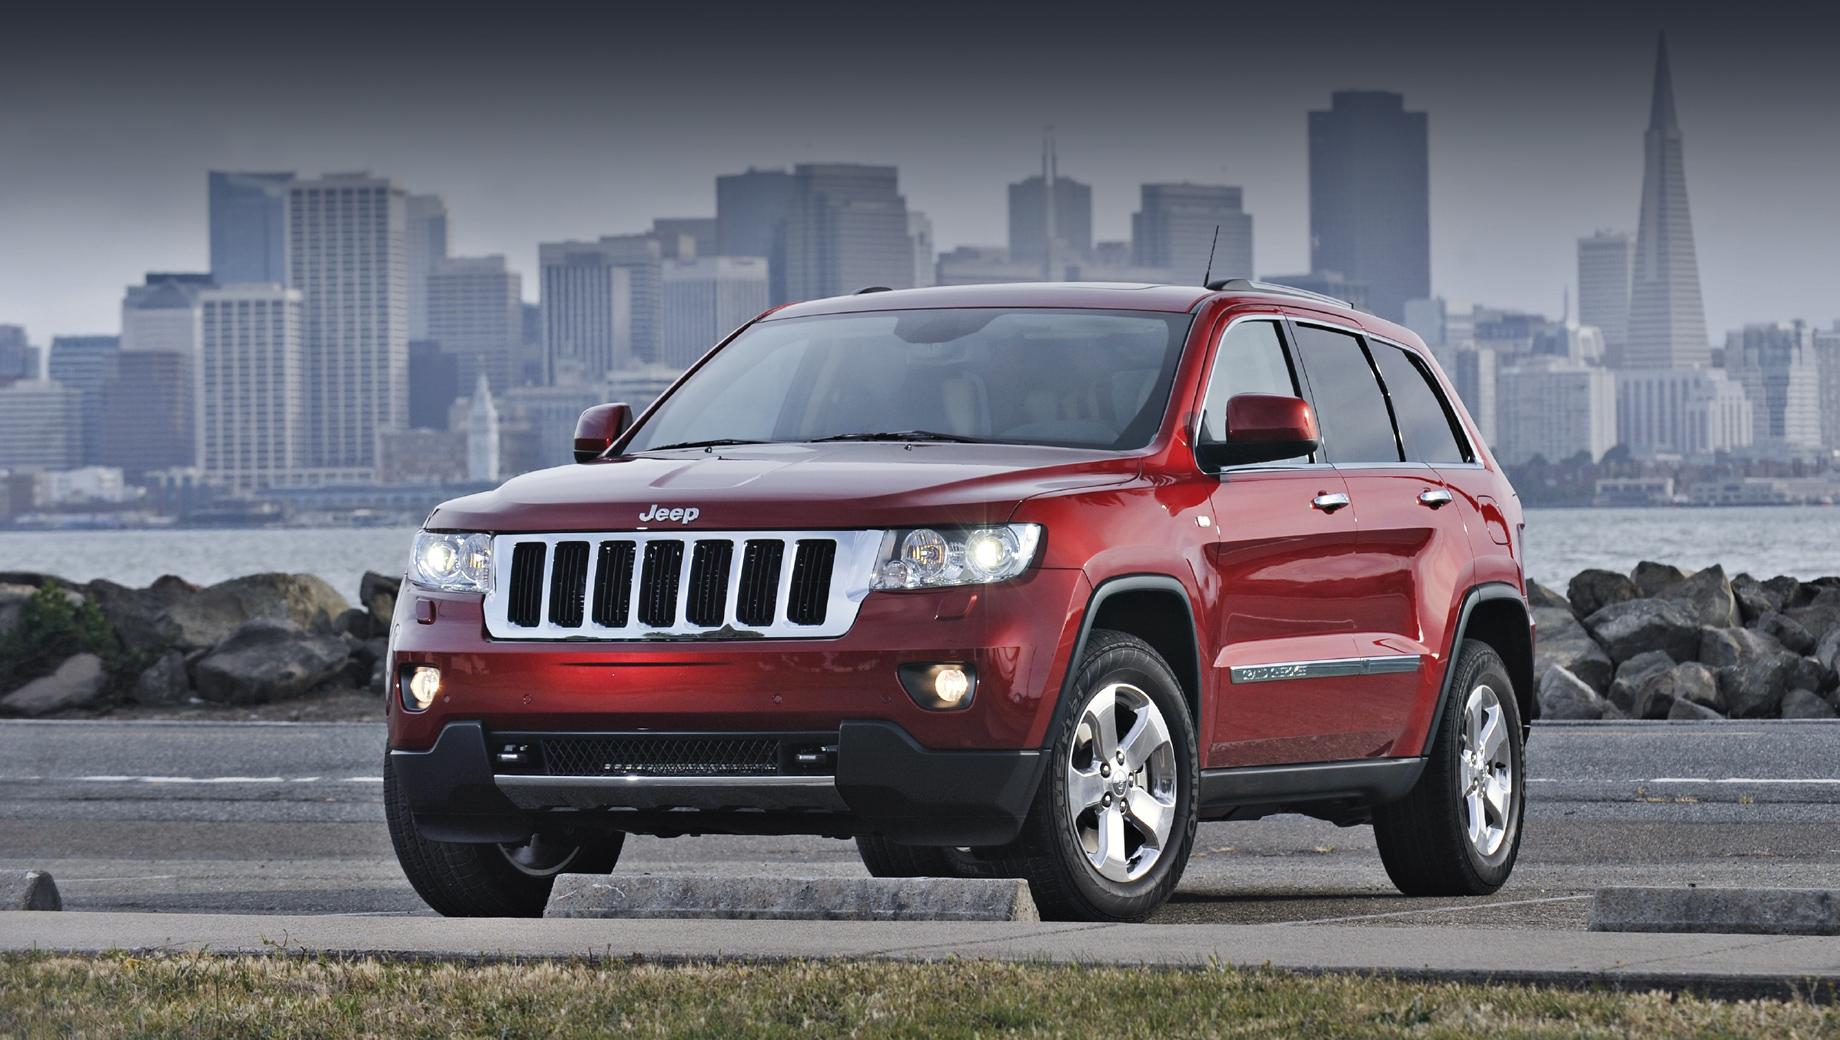 Jeep grand cherokee. В отзыве речь идёт о «четвёртом» Grand Cherokee, представленном в далёком 2009 году и с тех пор успевшем обновиться, даже не один раз. А в январе 2021 года уже вышел «пятый».